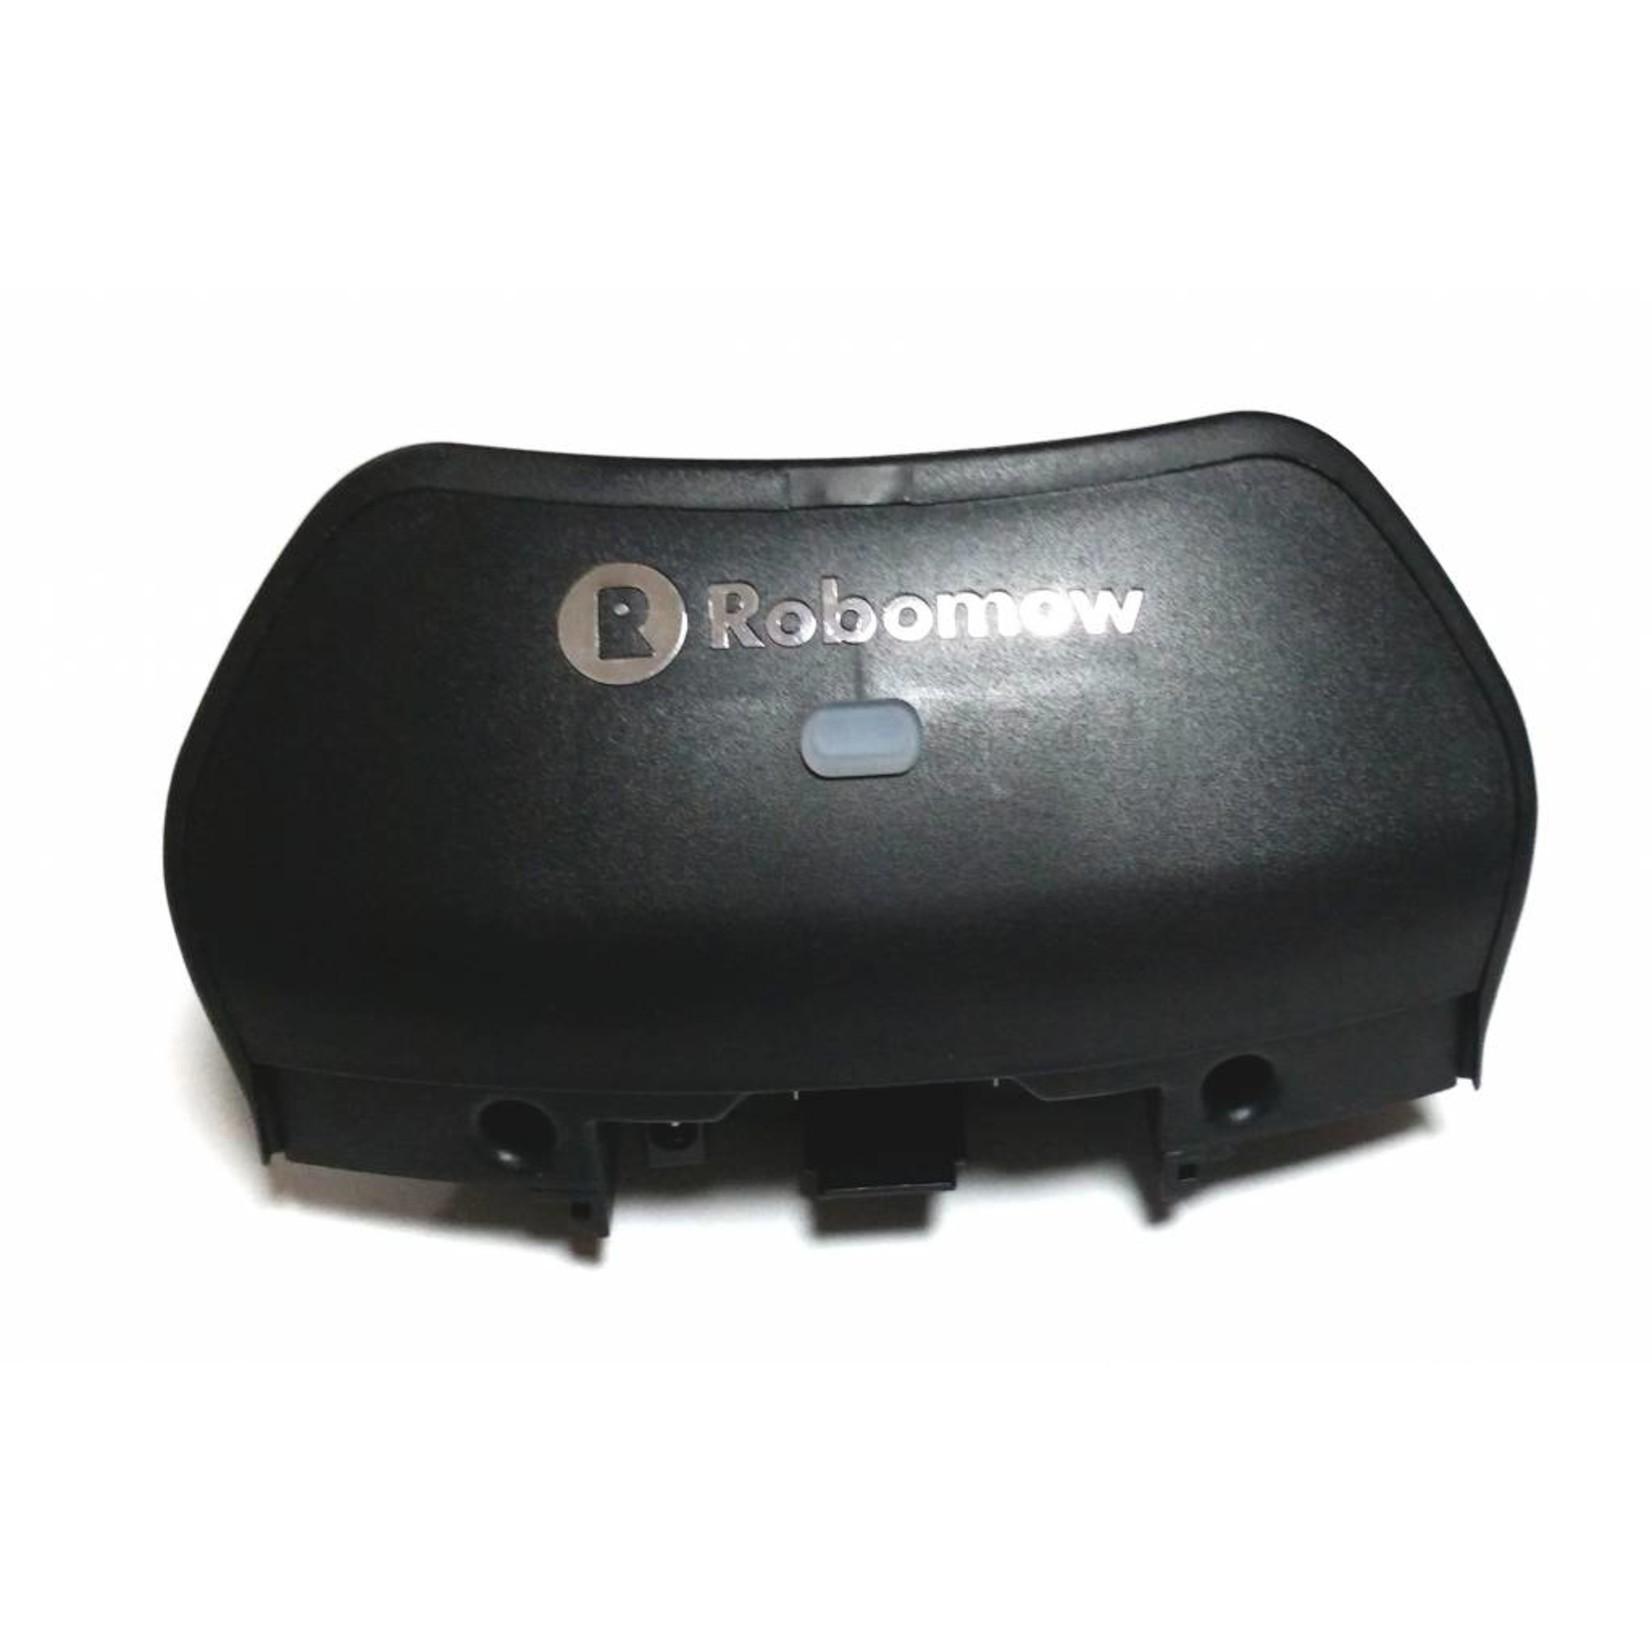 Robomow Robomow SMSB9009A Ladekopf RX